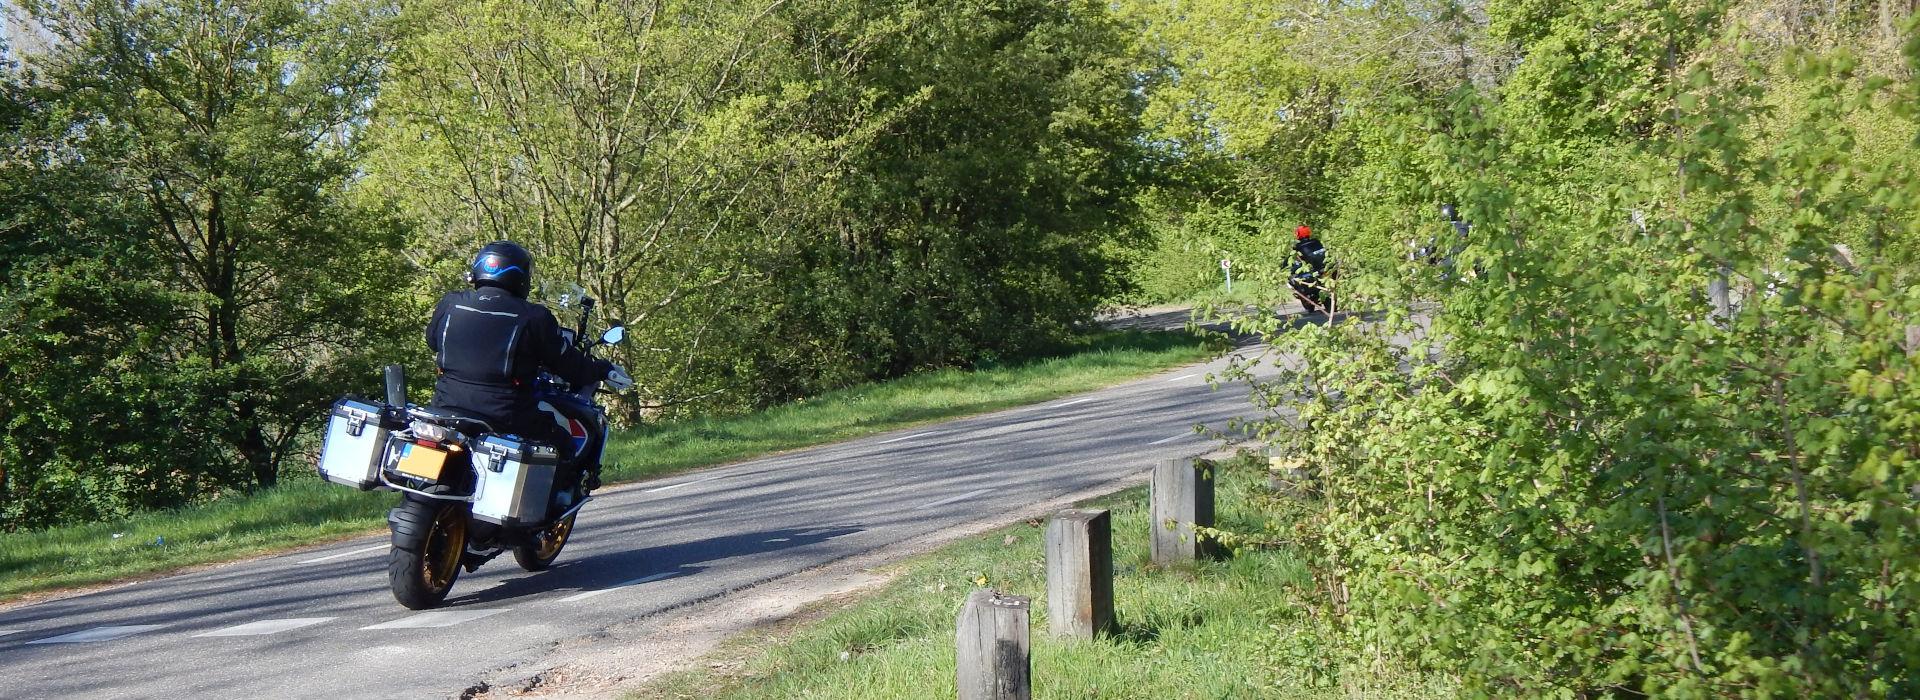 Motorrijschool Motorrijbewijspoint Bergen op Zoom motorrijlessen